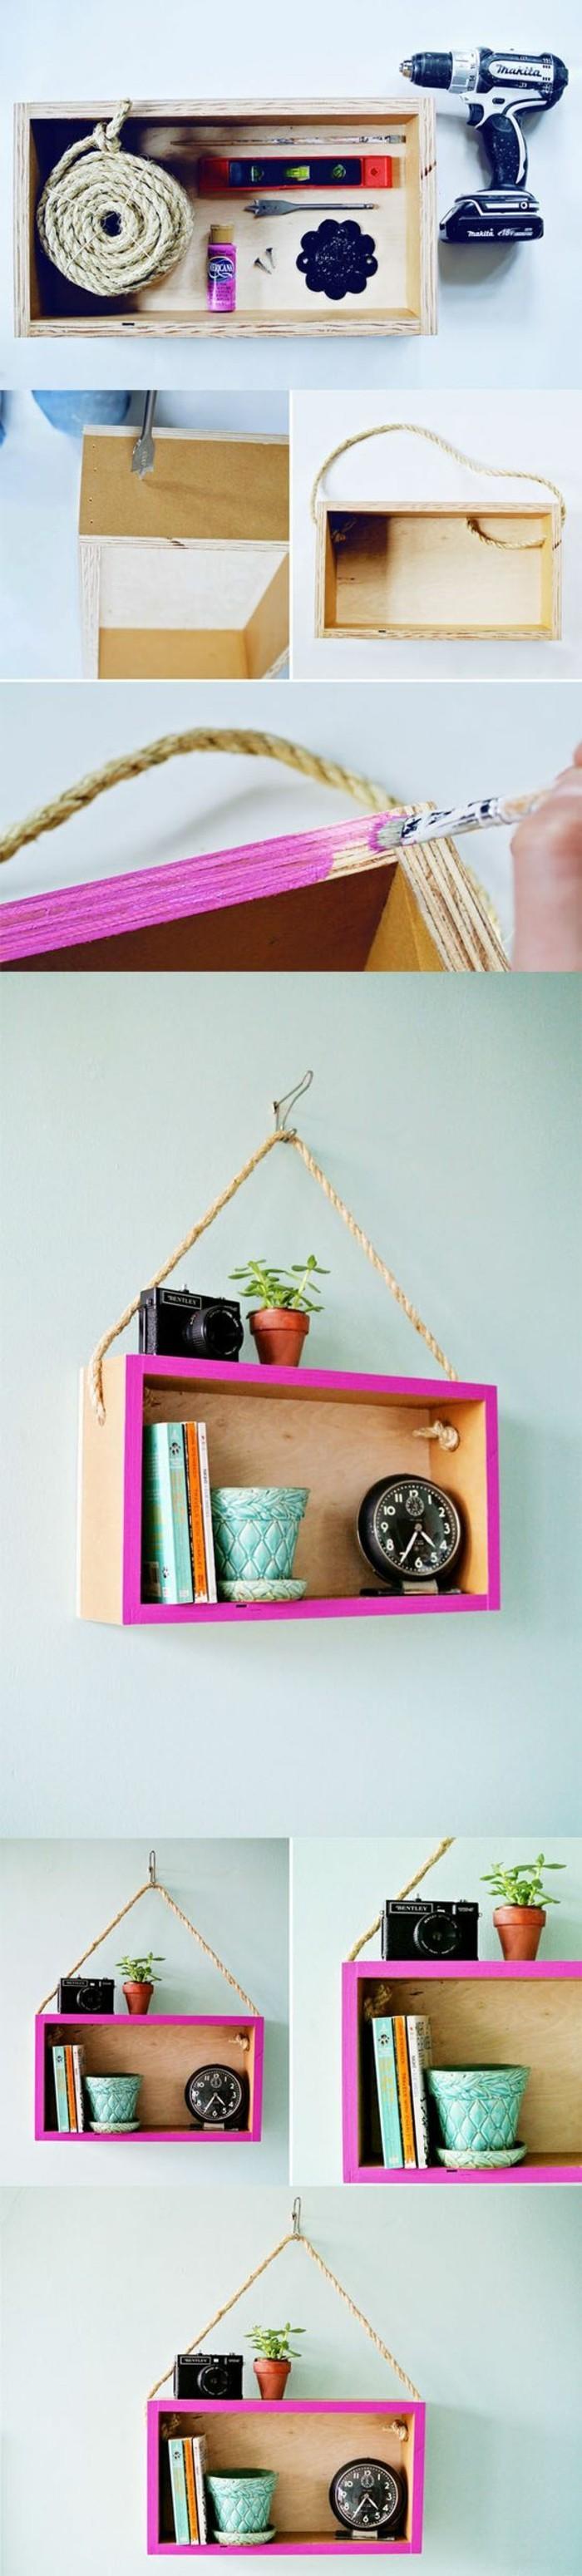 Materiali per fare una mensola, dipingere con pennello, decorazioni da muro